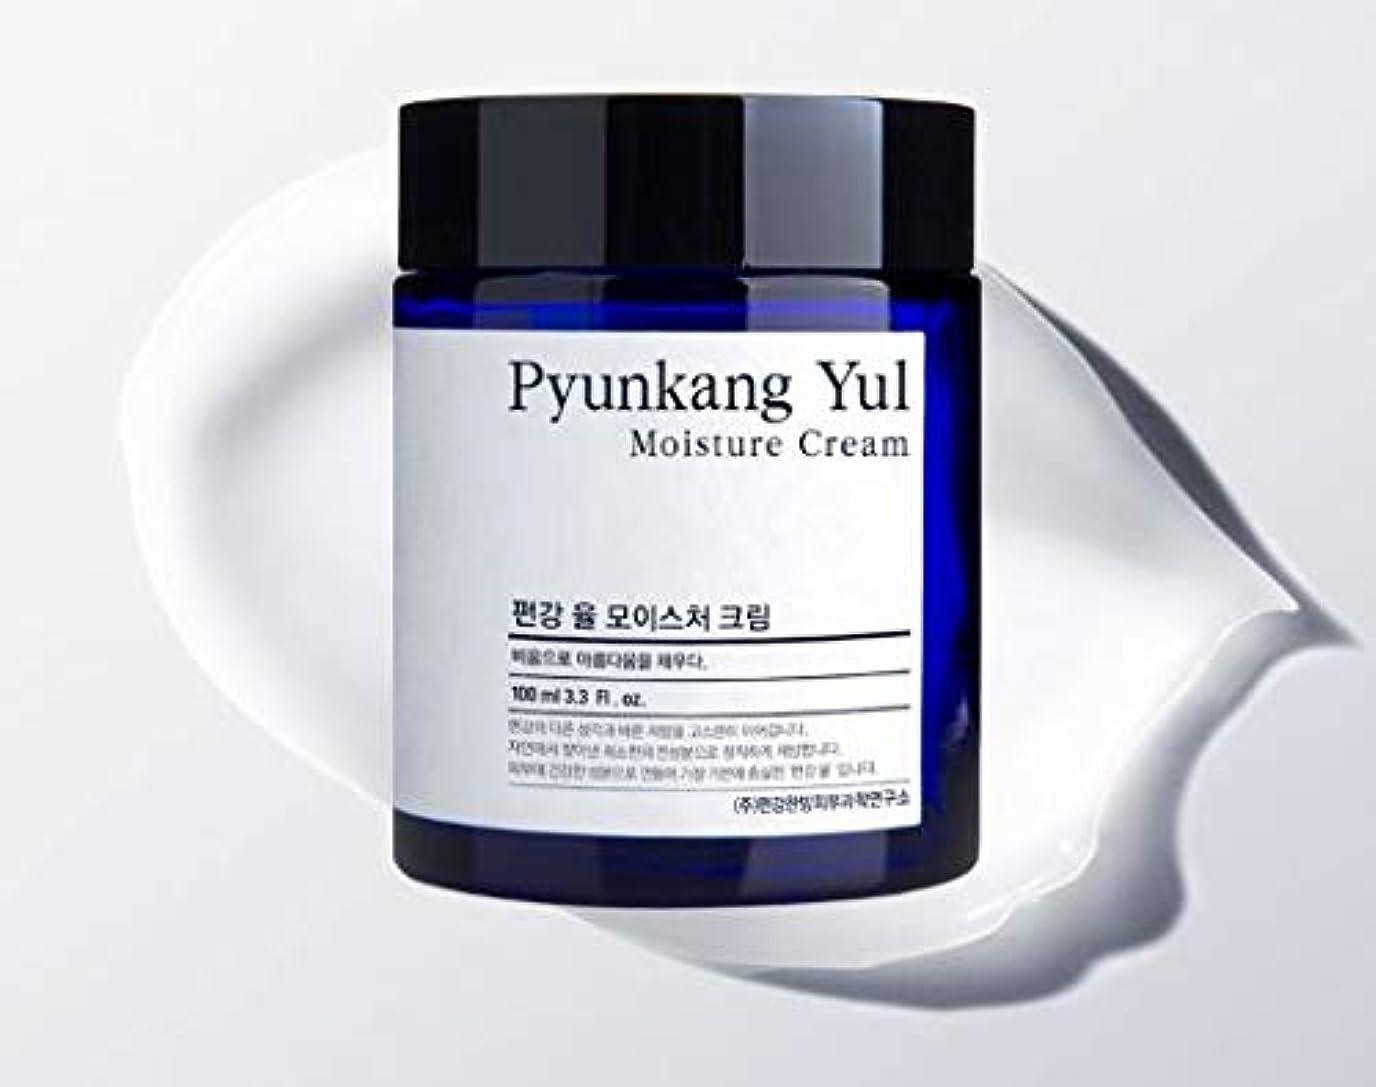 マットハチ検出する[Pyunkang Yul] Moisture Cream 100ml /モイスチャークリーム 100ml [並行輸入品]